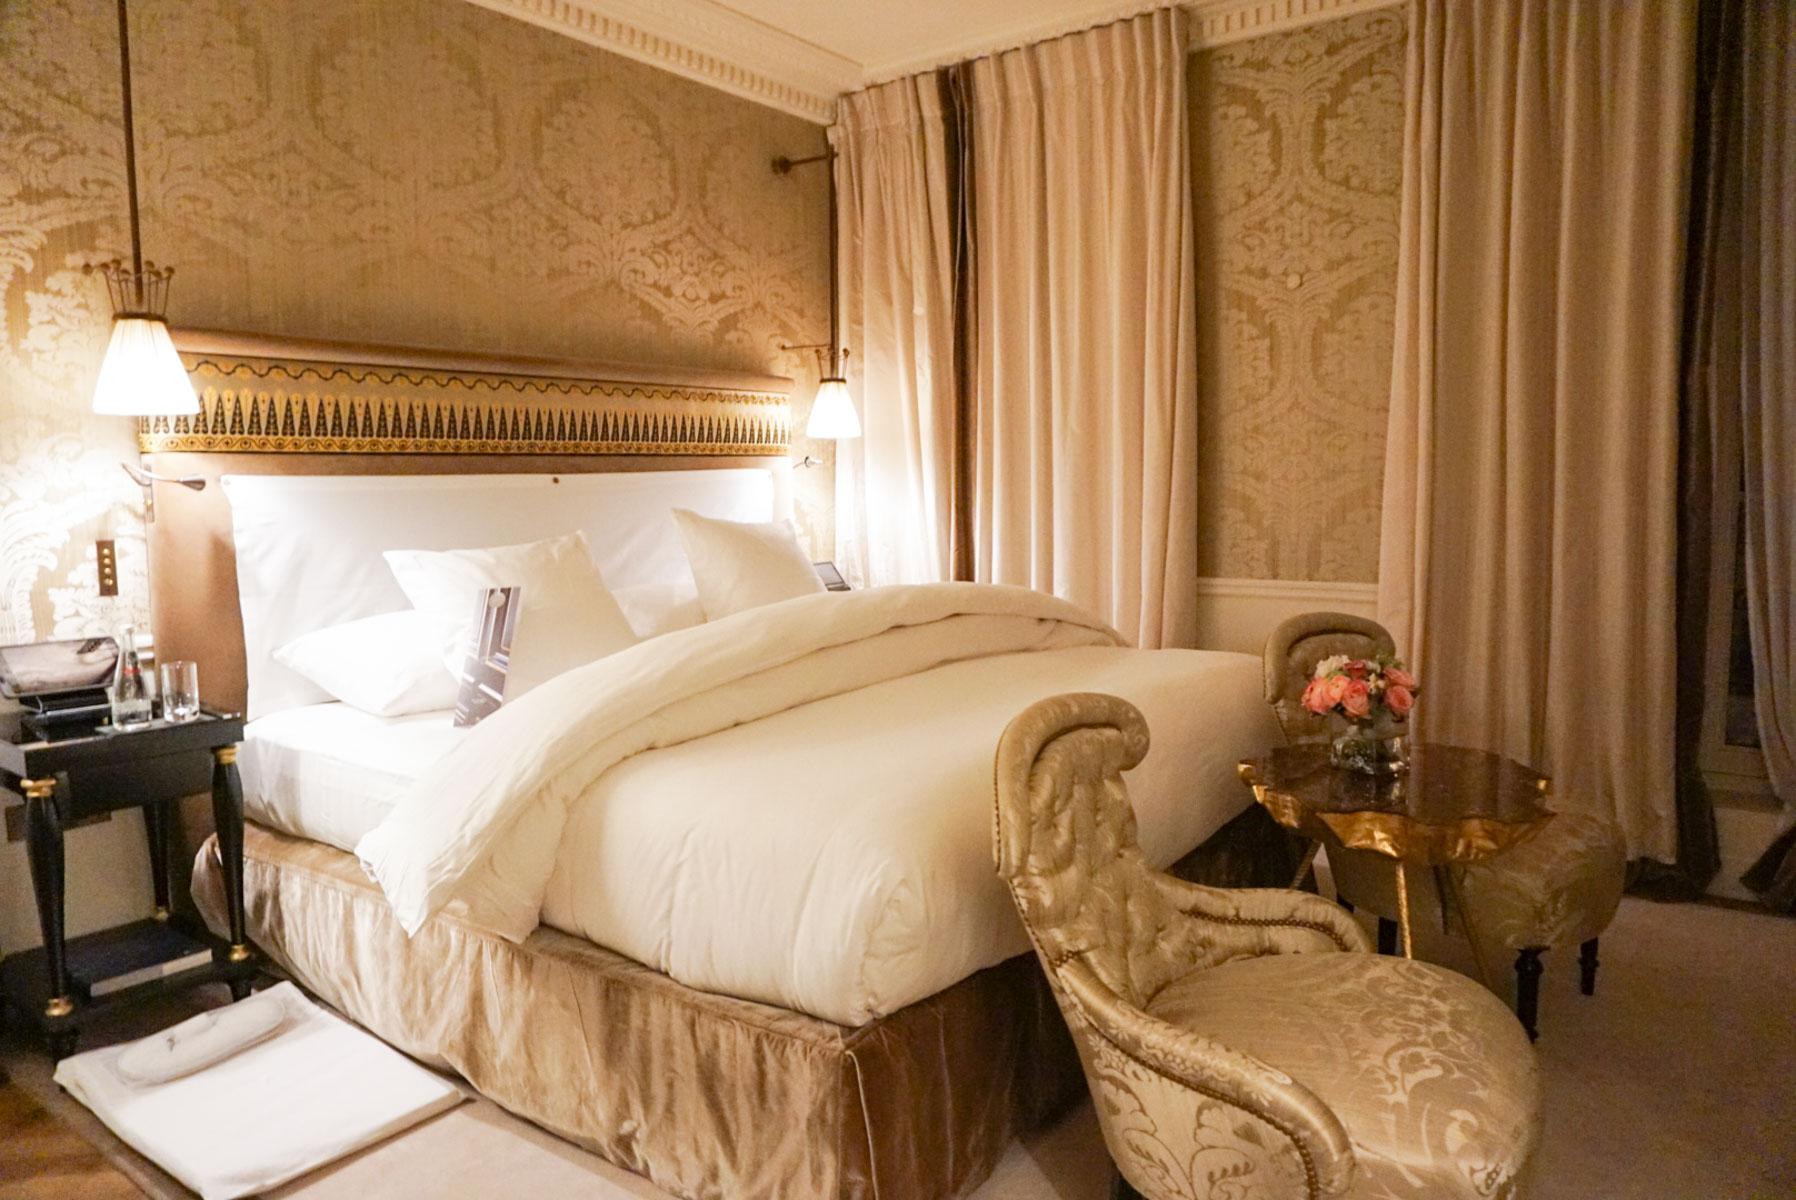 Le_Reserve_Hotel_Trip_to_Paris-3430.jpg